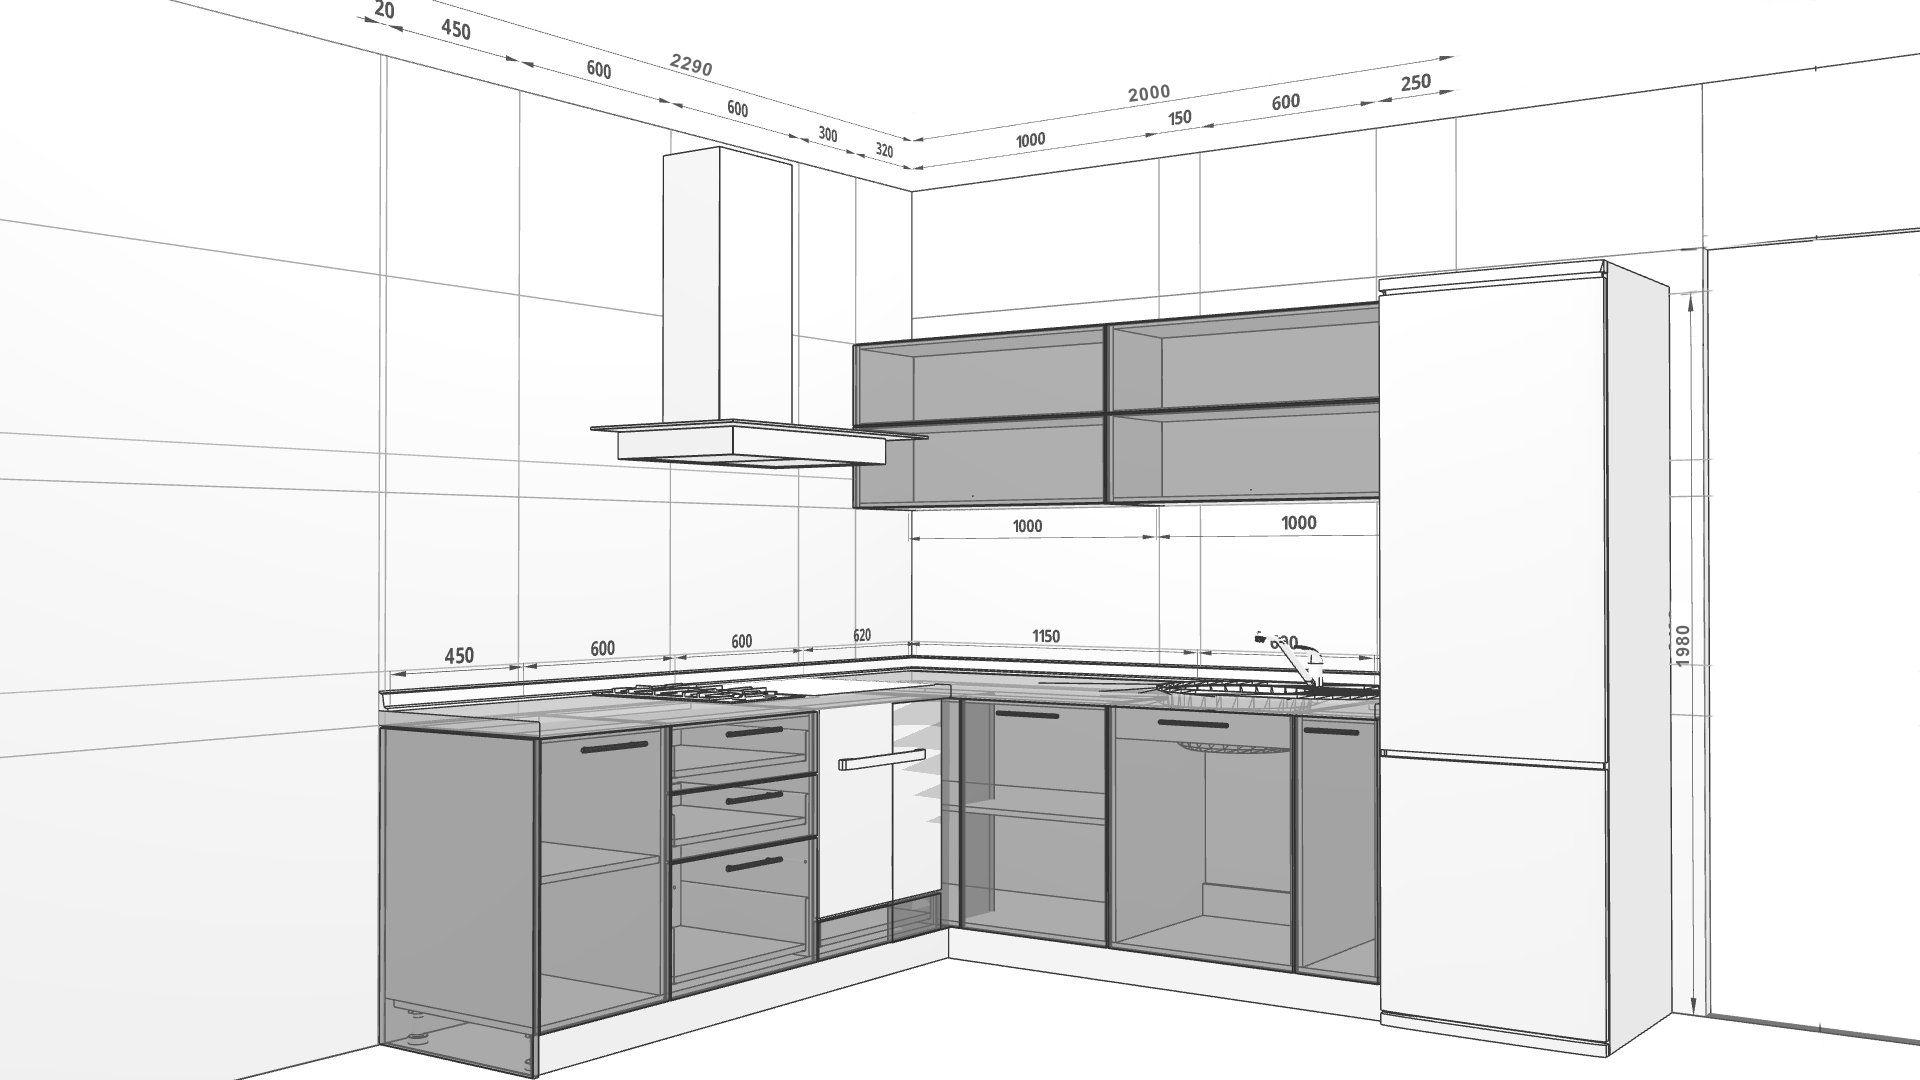 эскизы кухонь с размерами фото ведь